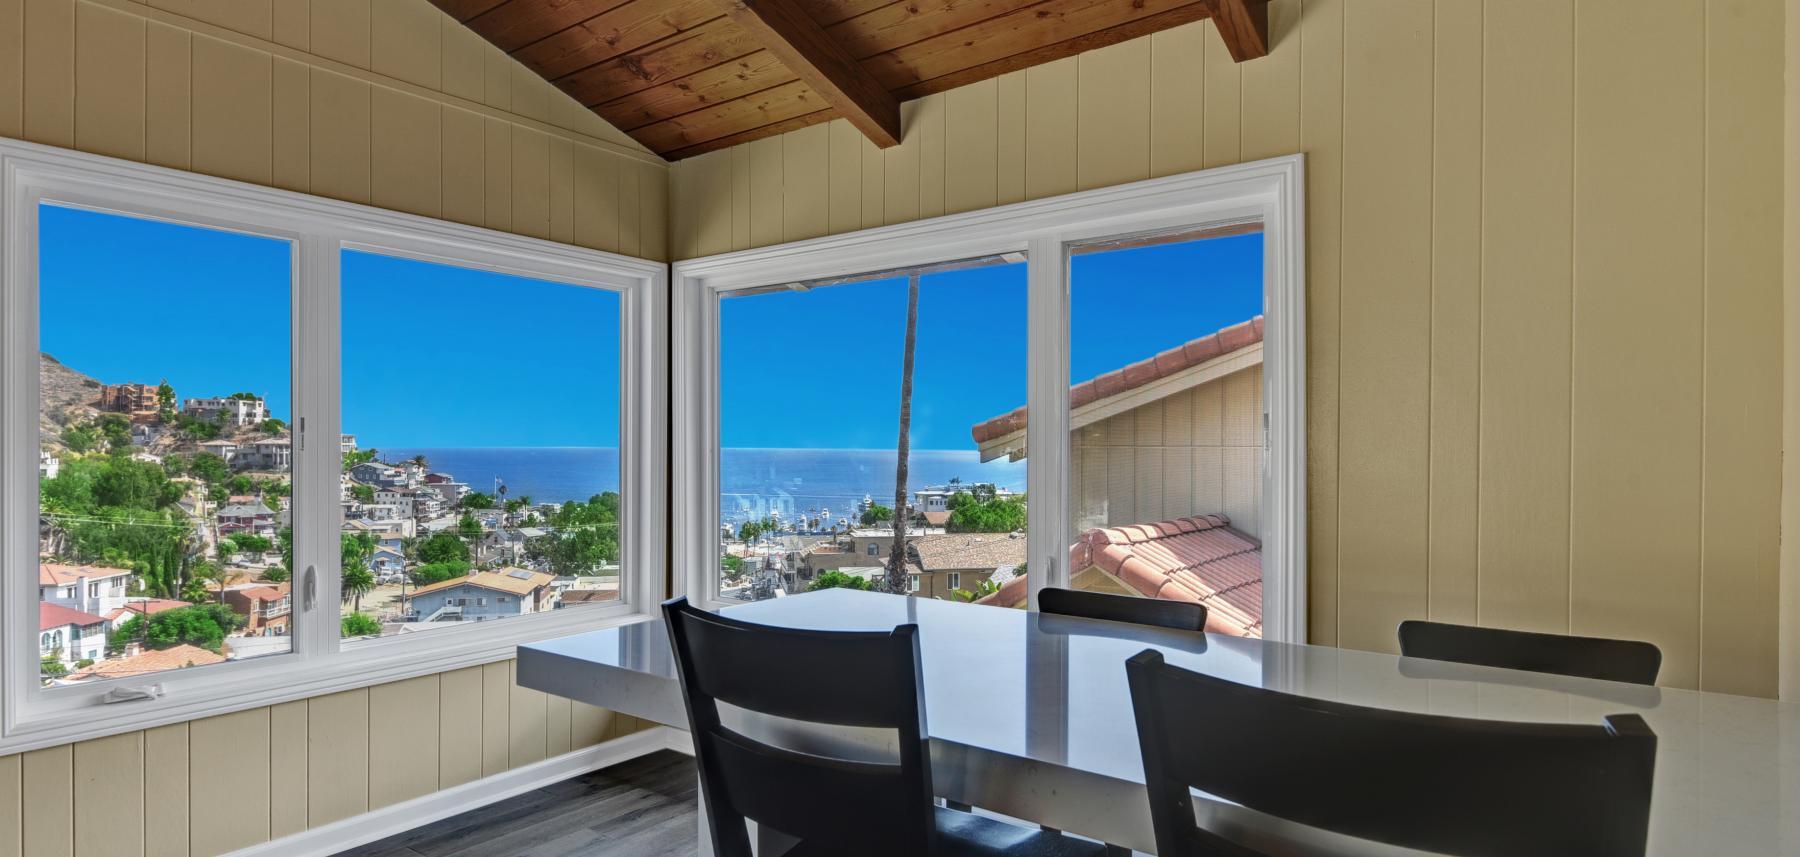 Catalina Island Vacation Rentals | Avalon and Hamilton Cove Rentals